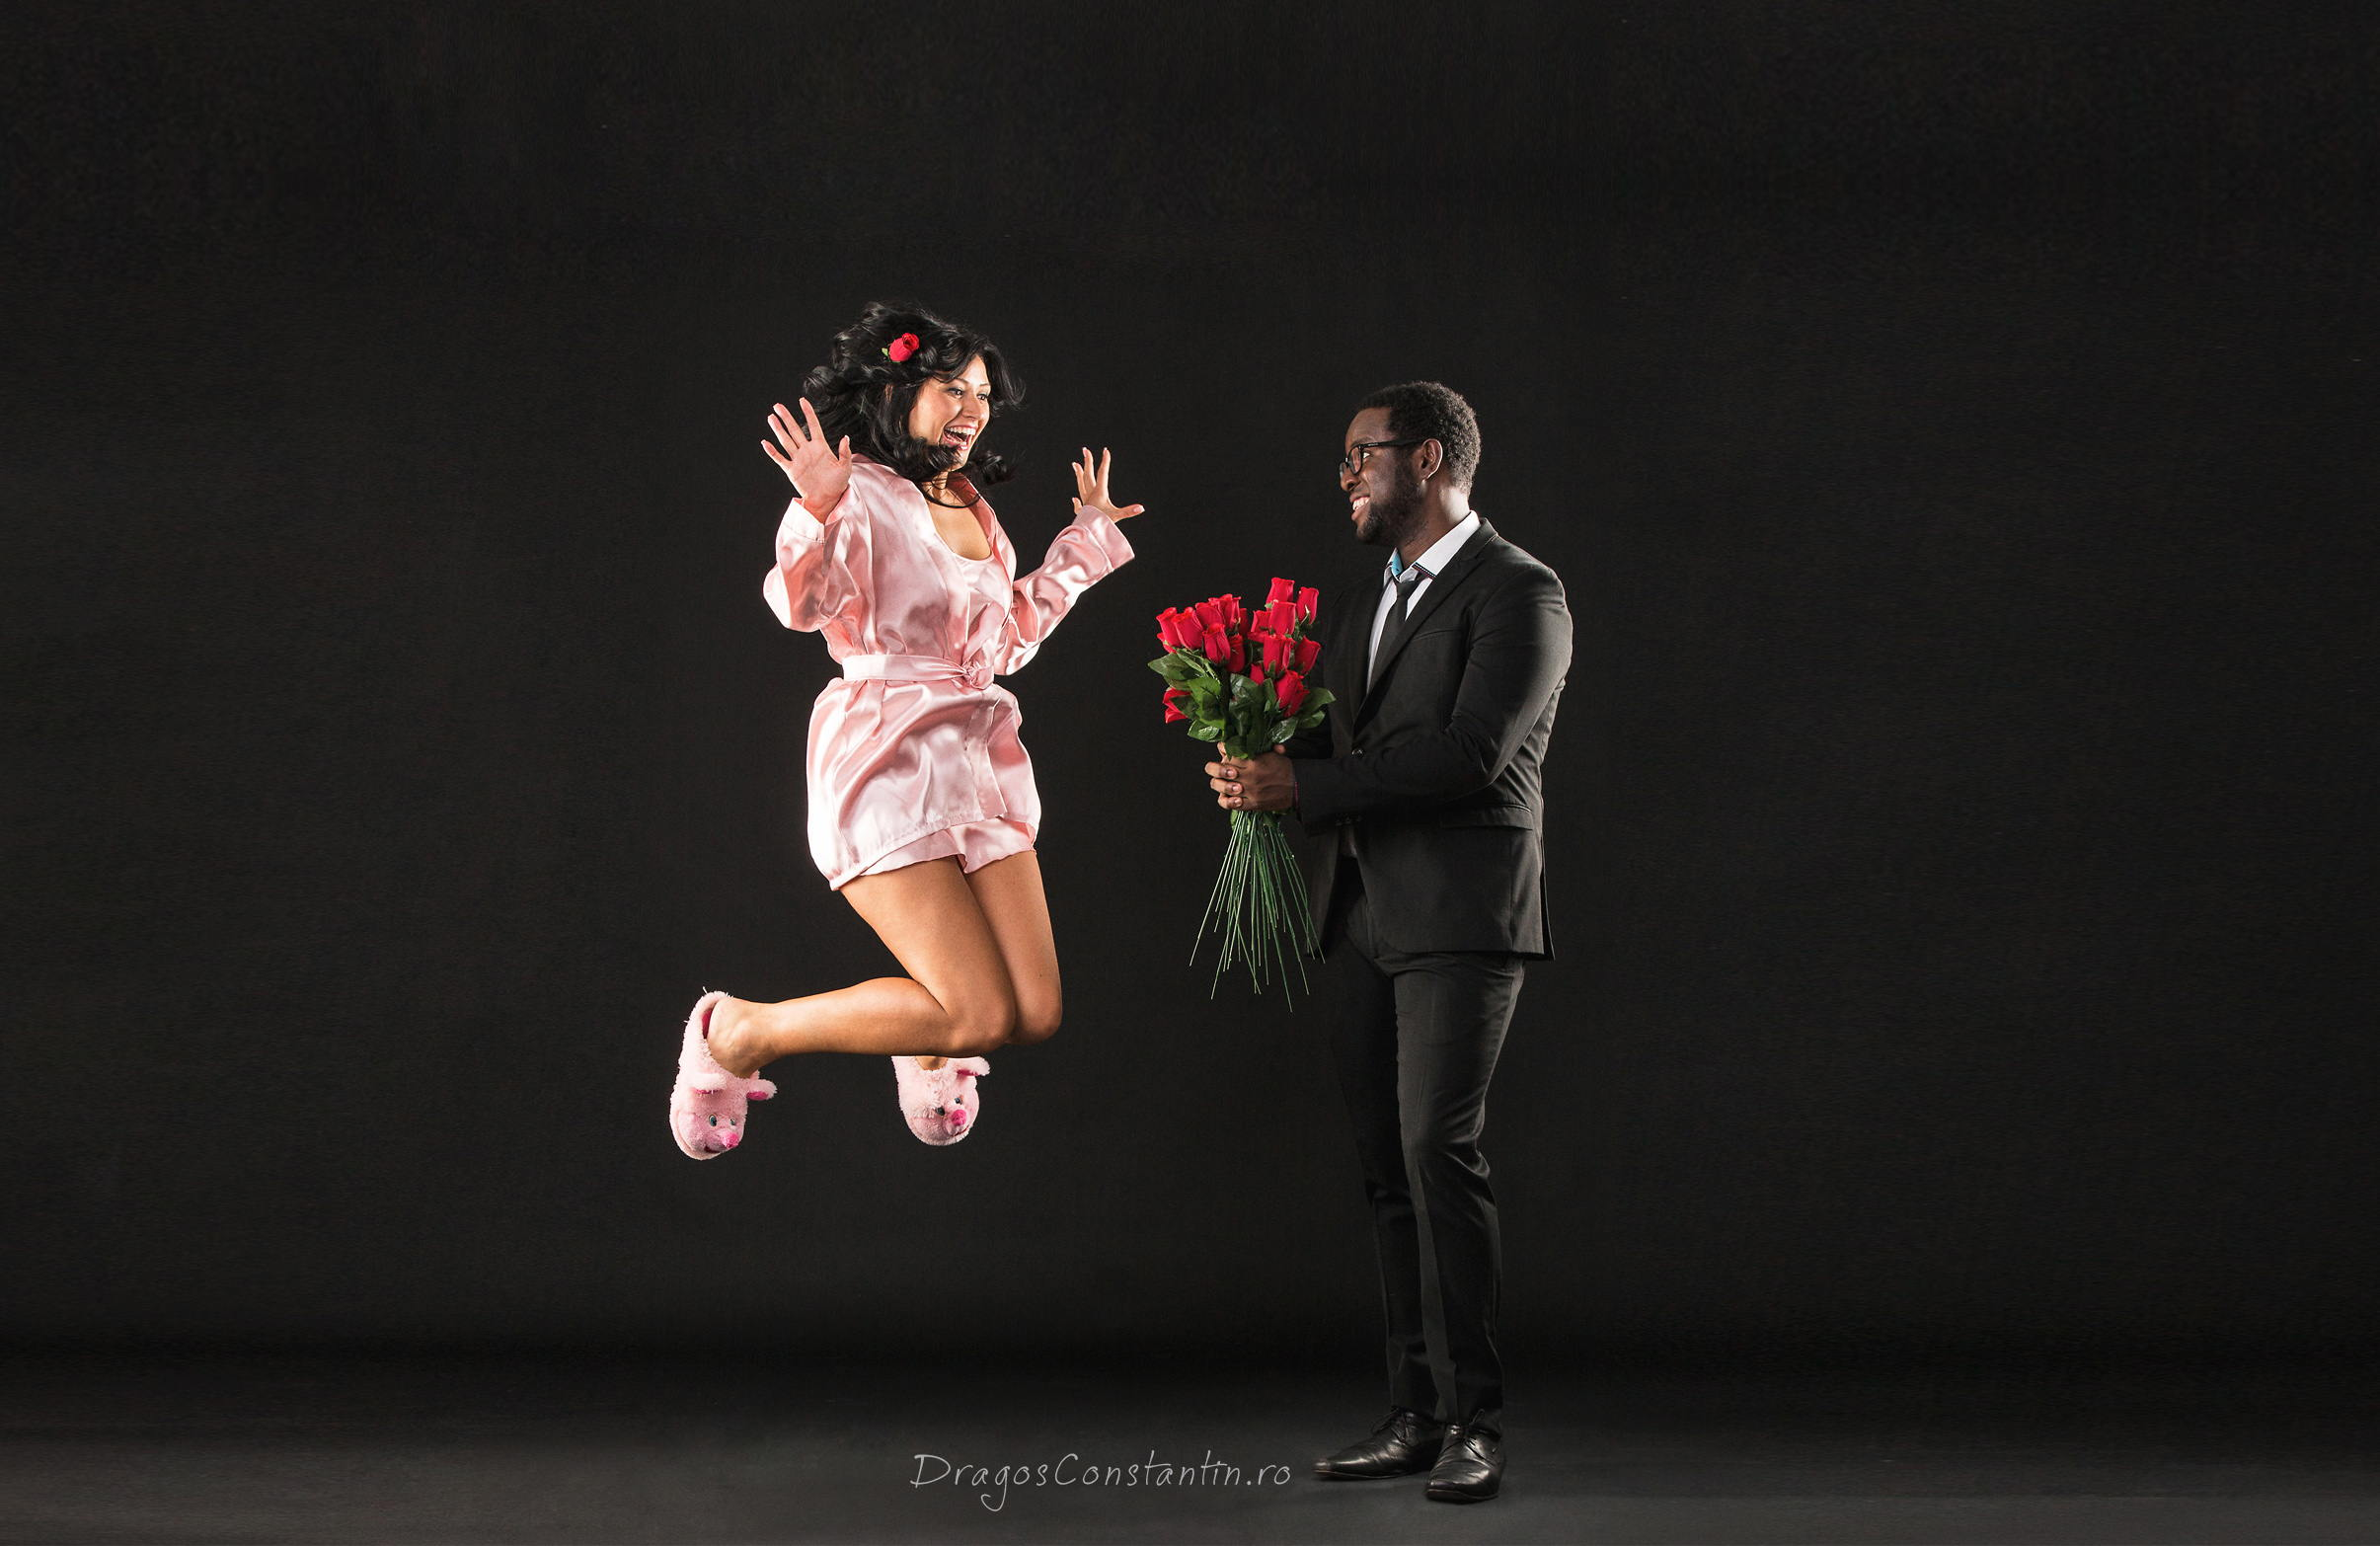 Fotografii Personale Cuplu